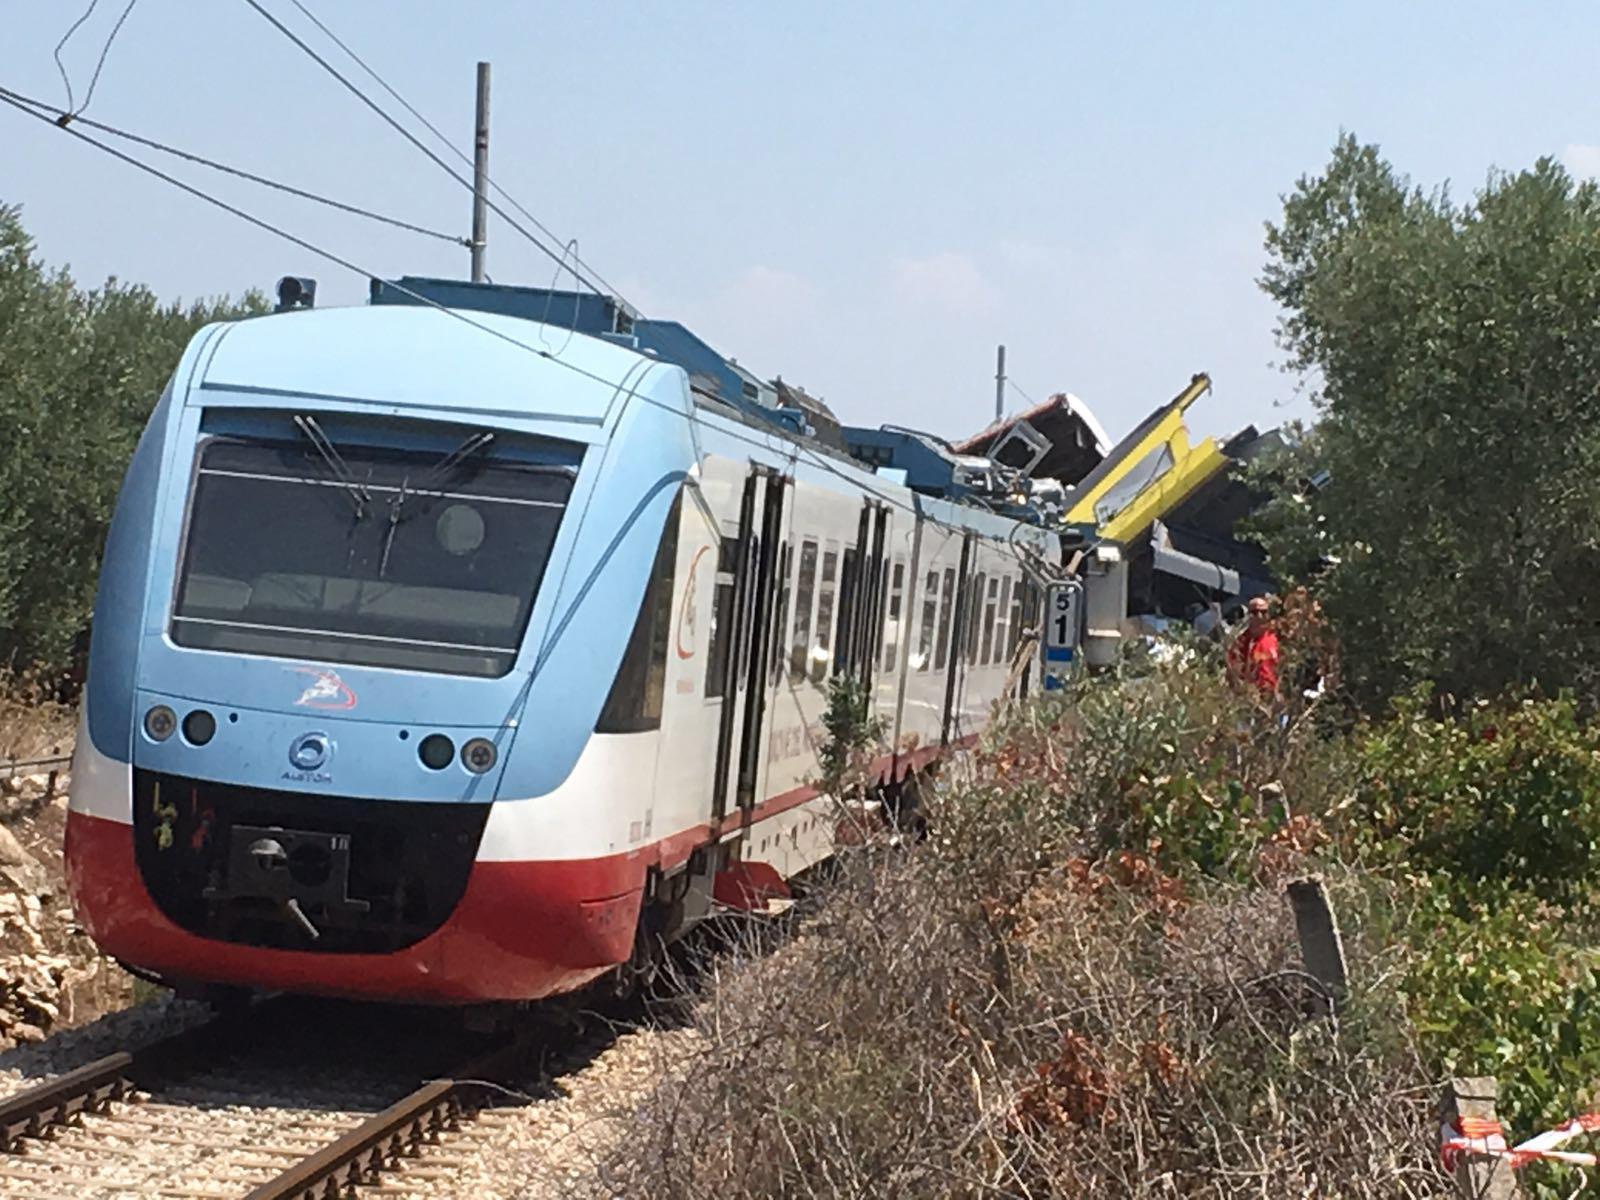 Disastro ferroviario in Puglia: l'inefficienza dei treni e le spese folli delle Fse